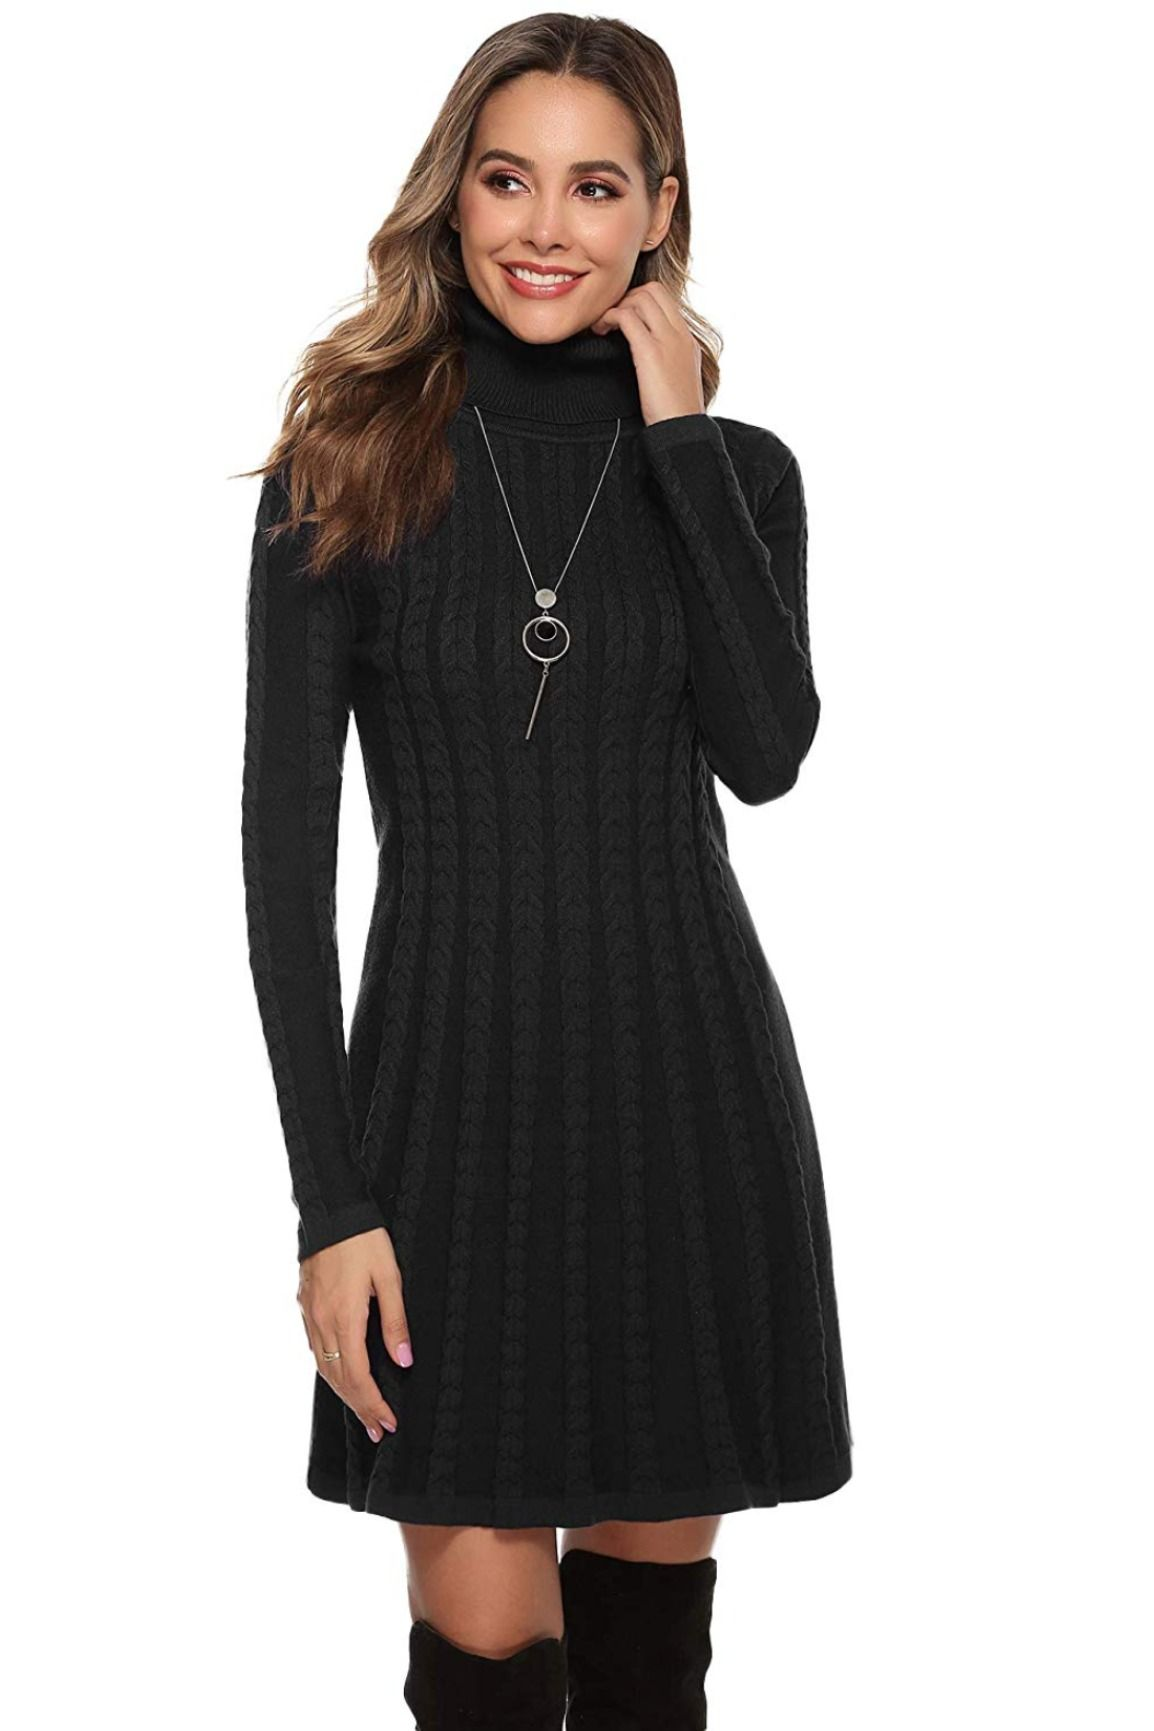 strickkleid - pulloverkleid mit zopfmuster | strickkleid